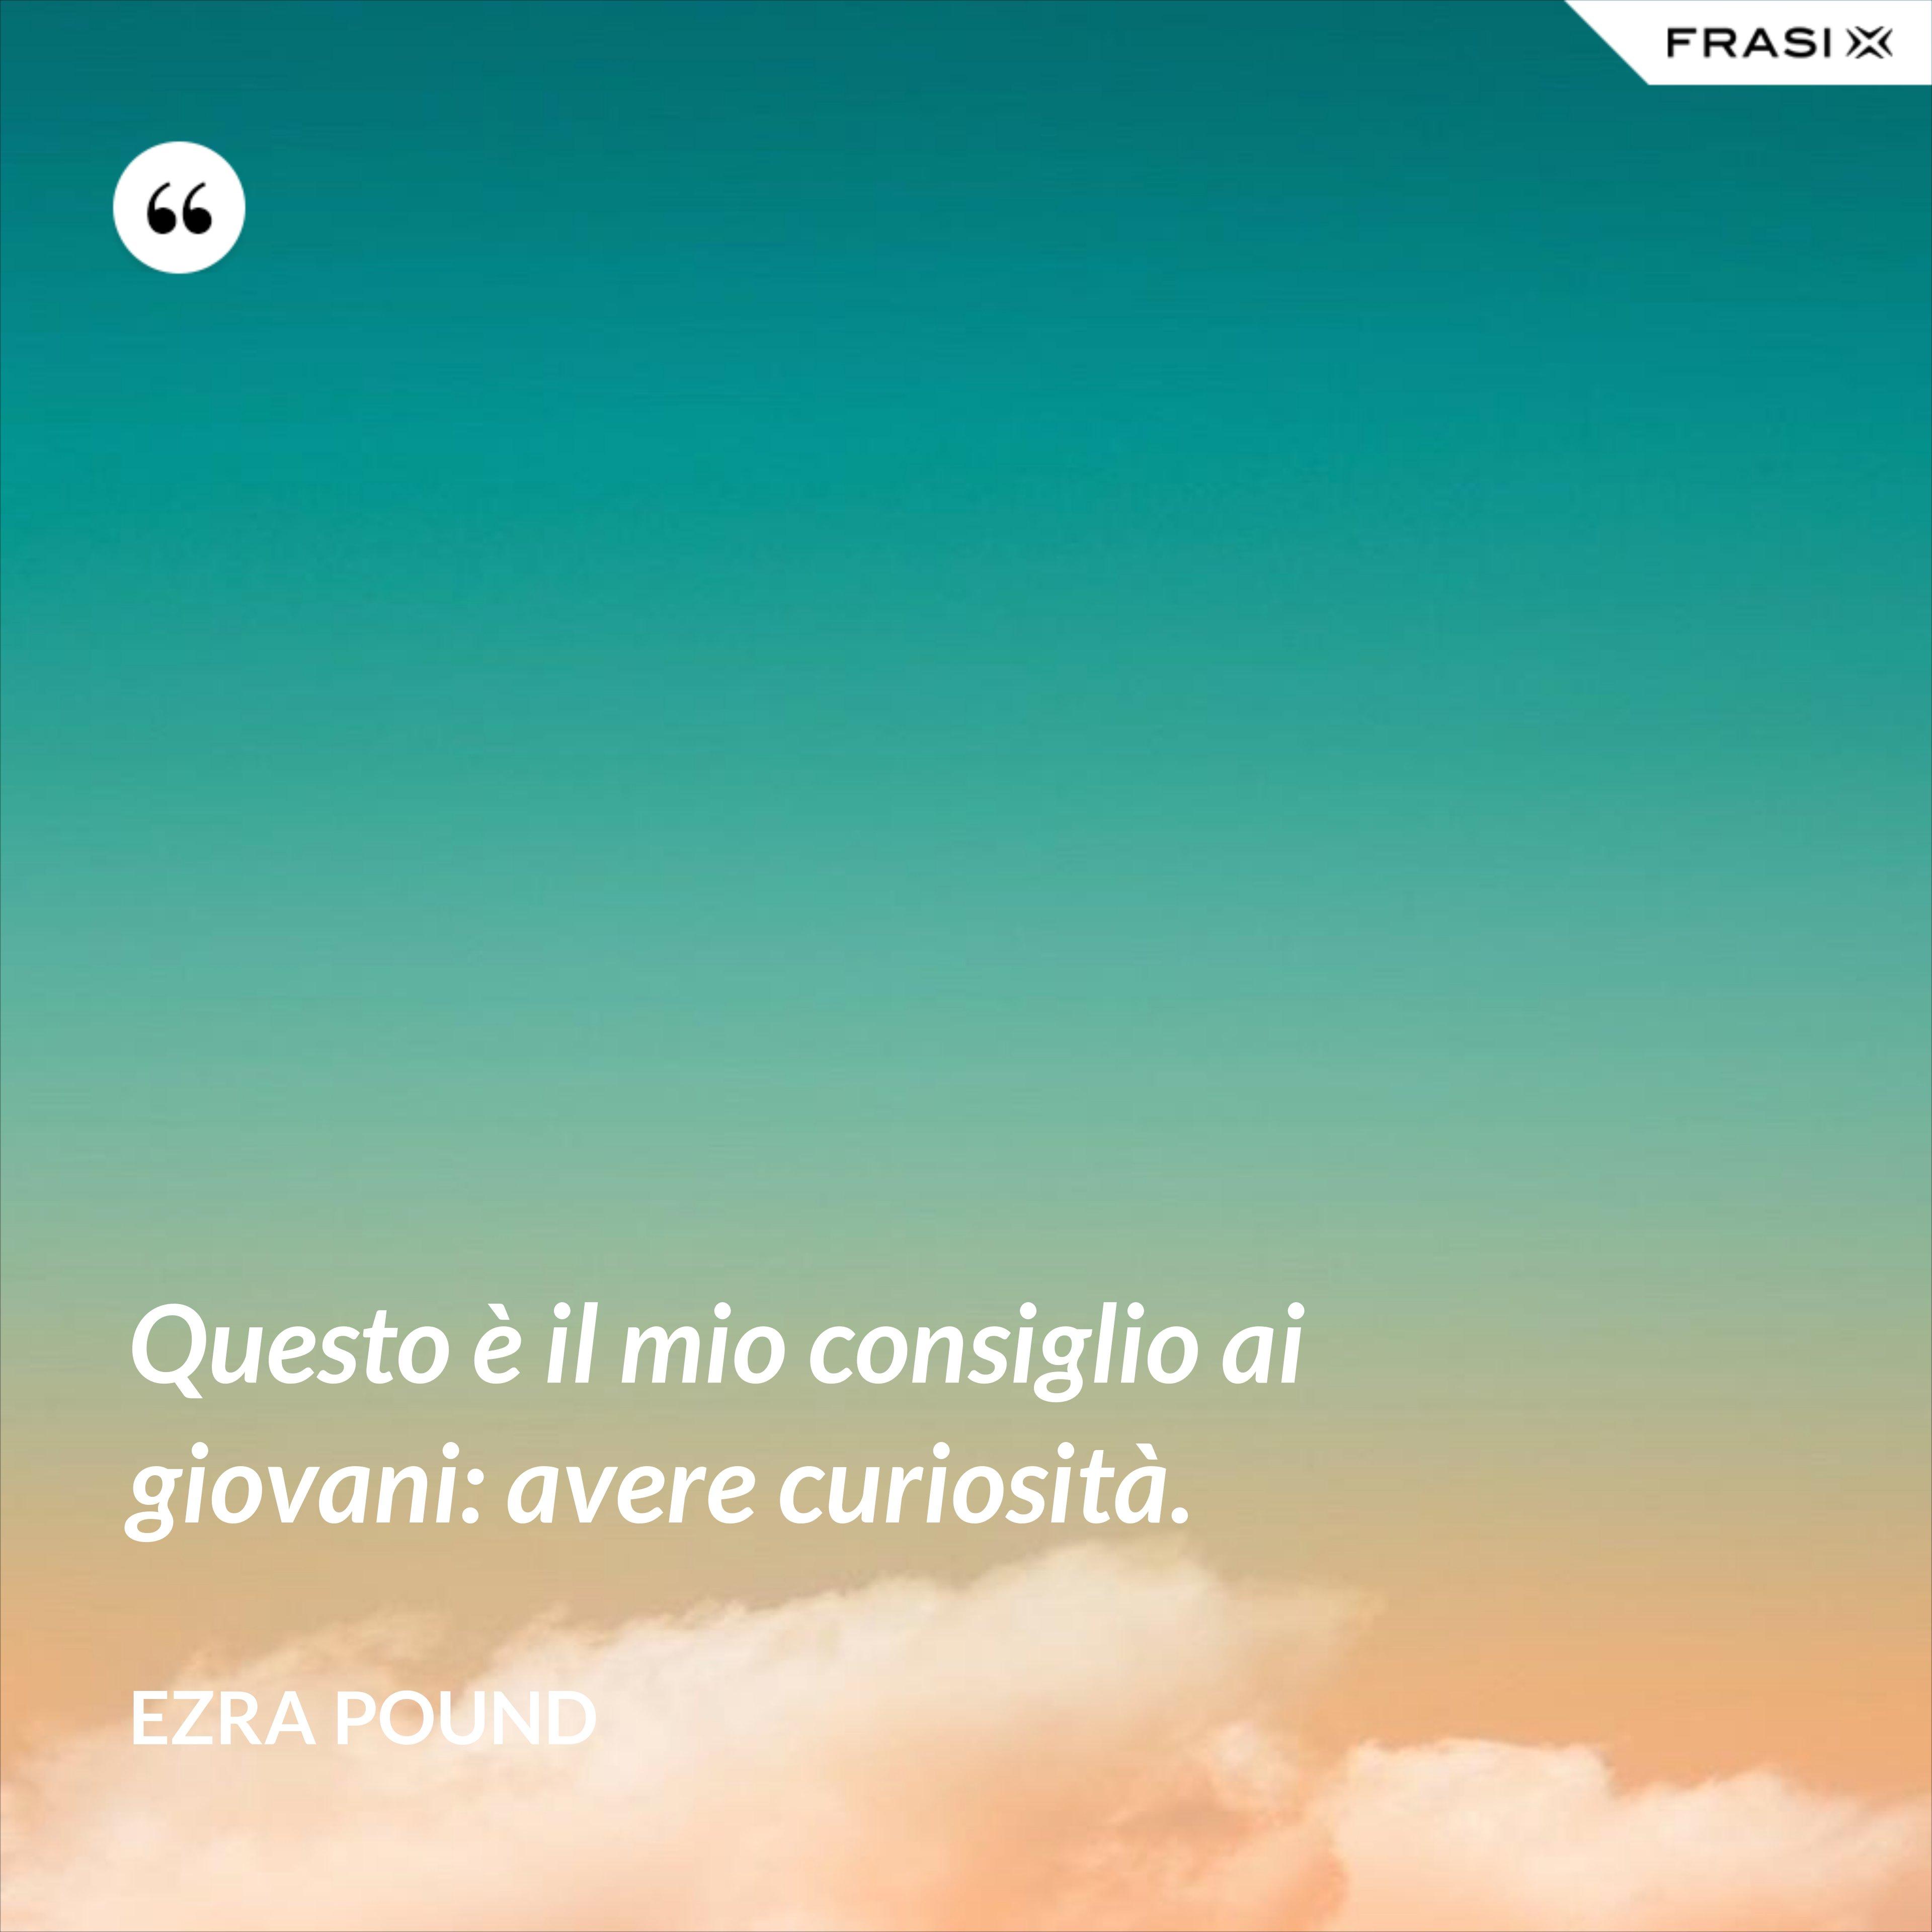 Questo è il mio consiglio ai giovani: avere curiosità. - Ezra Pound